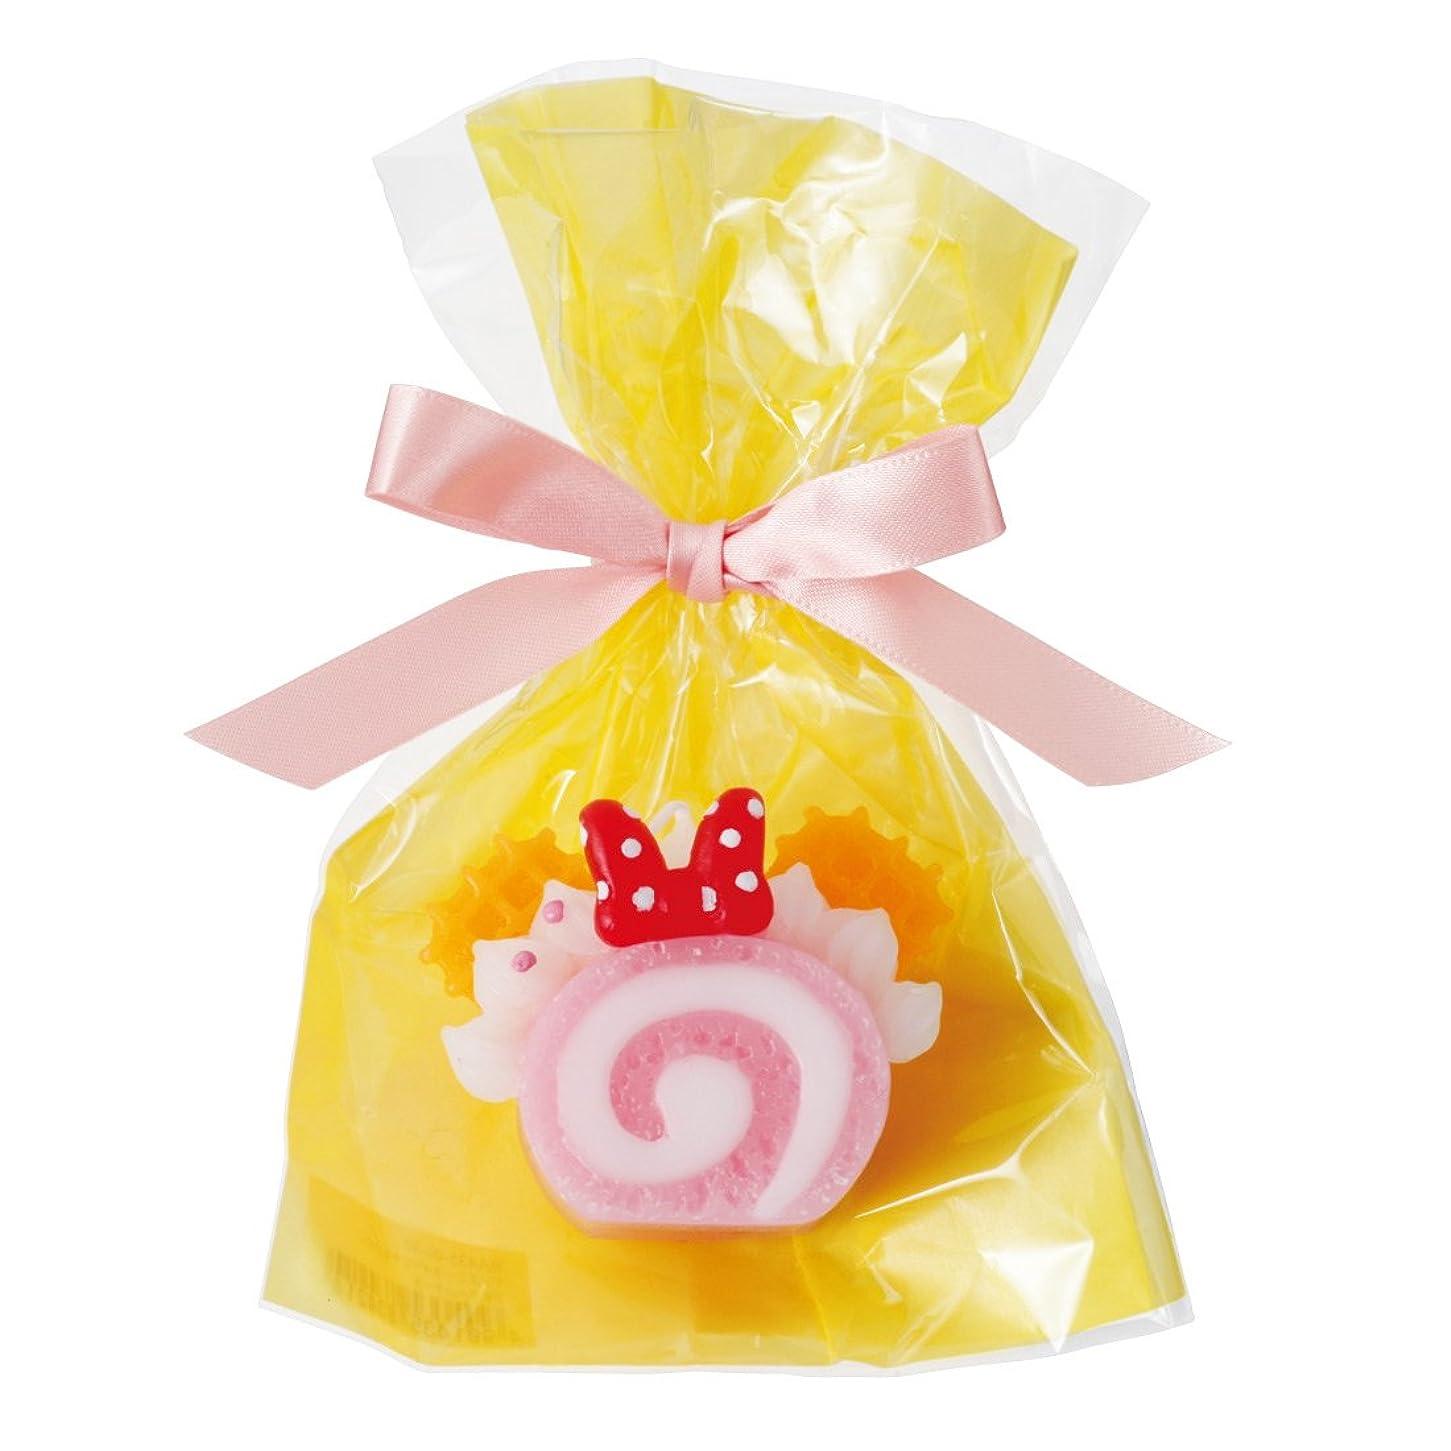 耐えられるマインドランプディズニースイーツキャンドル 「 ピンクロールケーキ 」